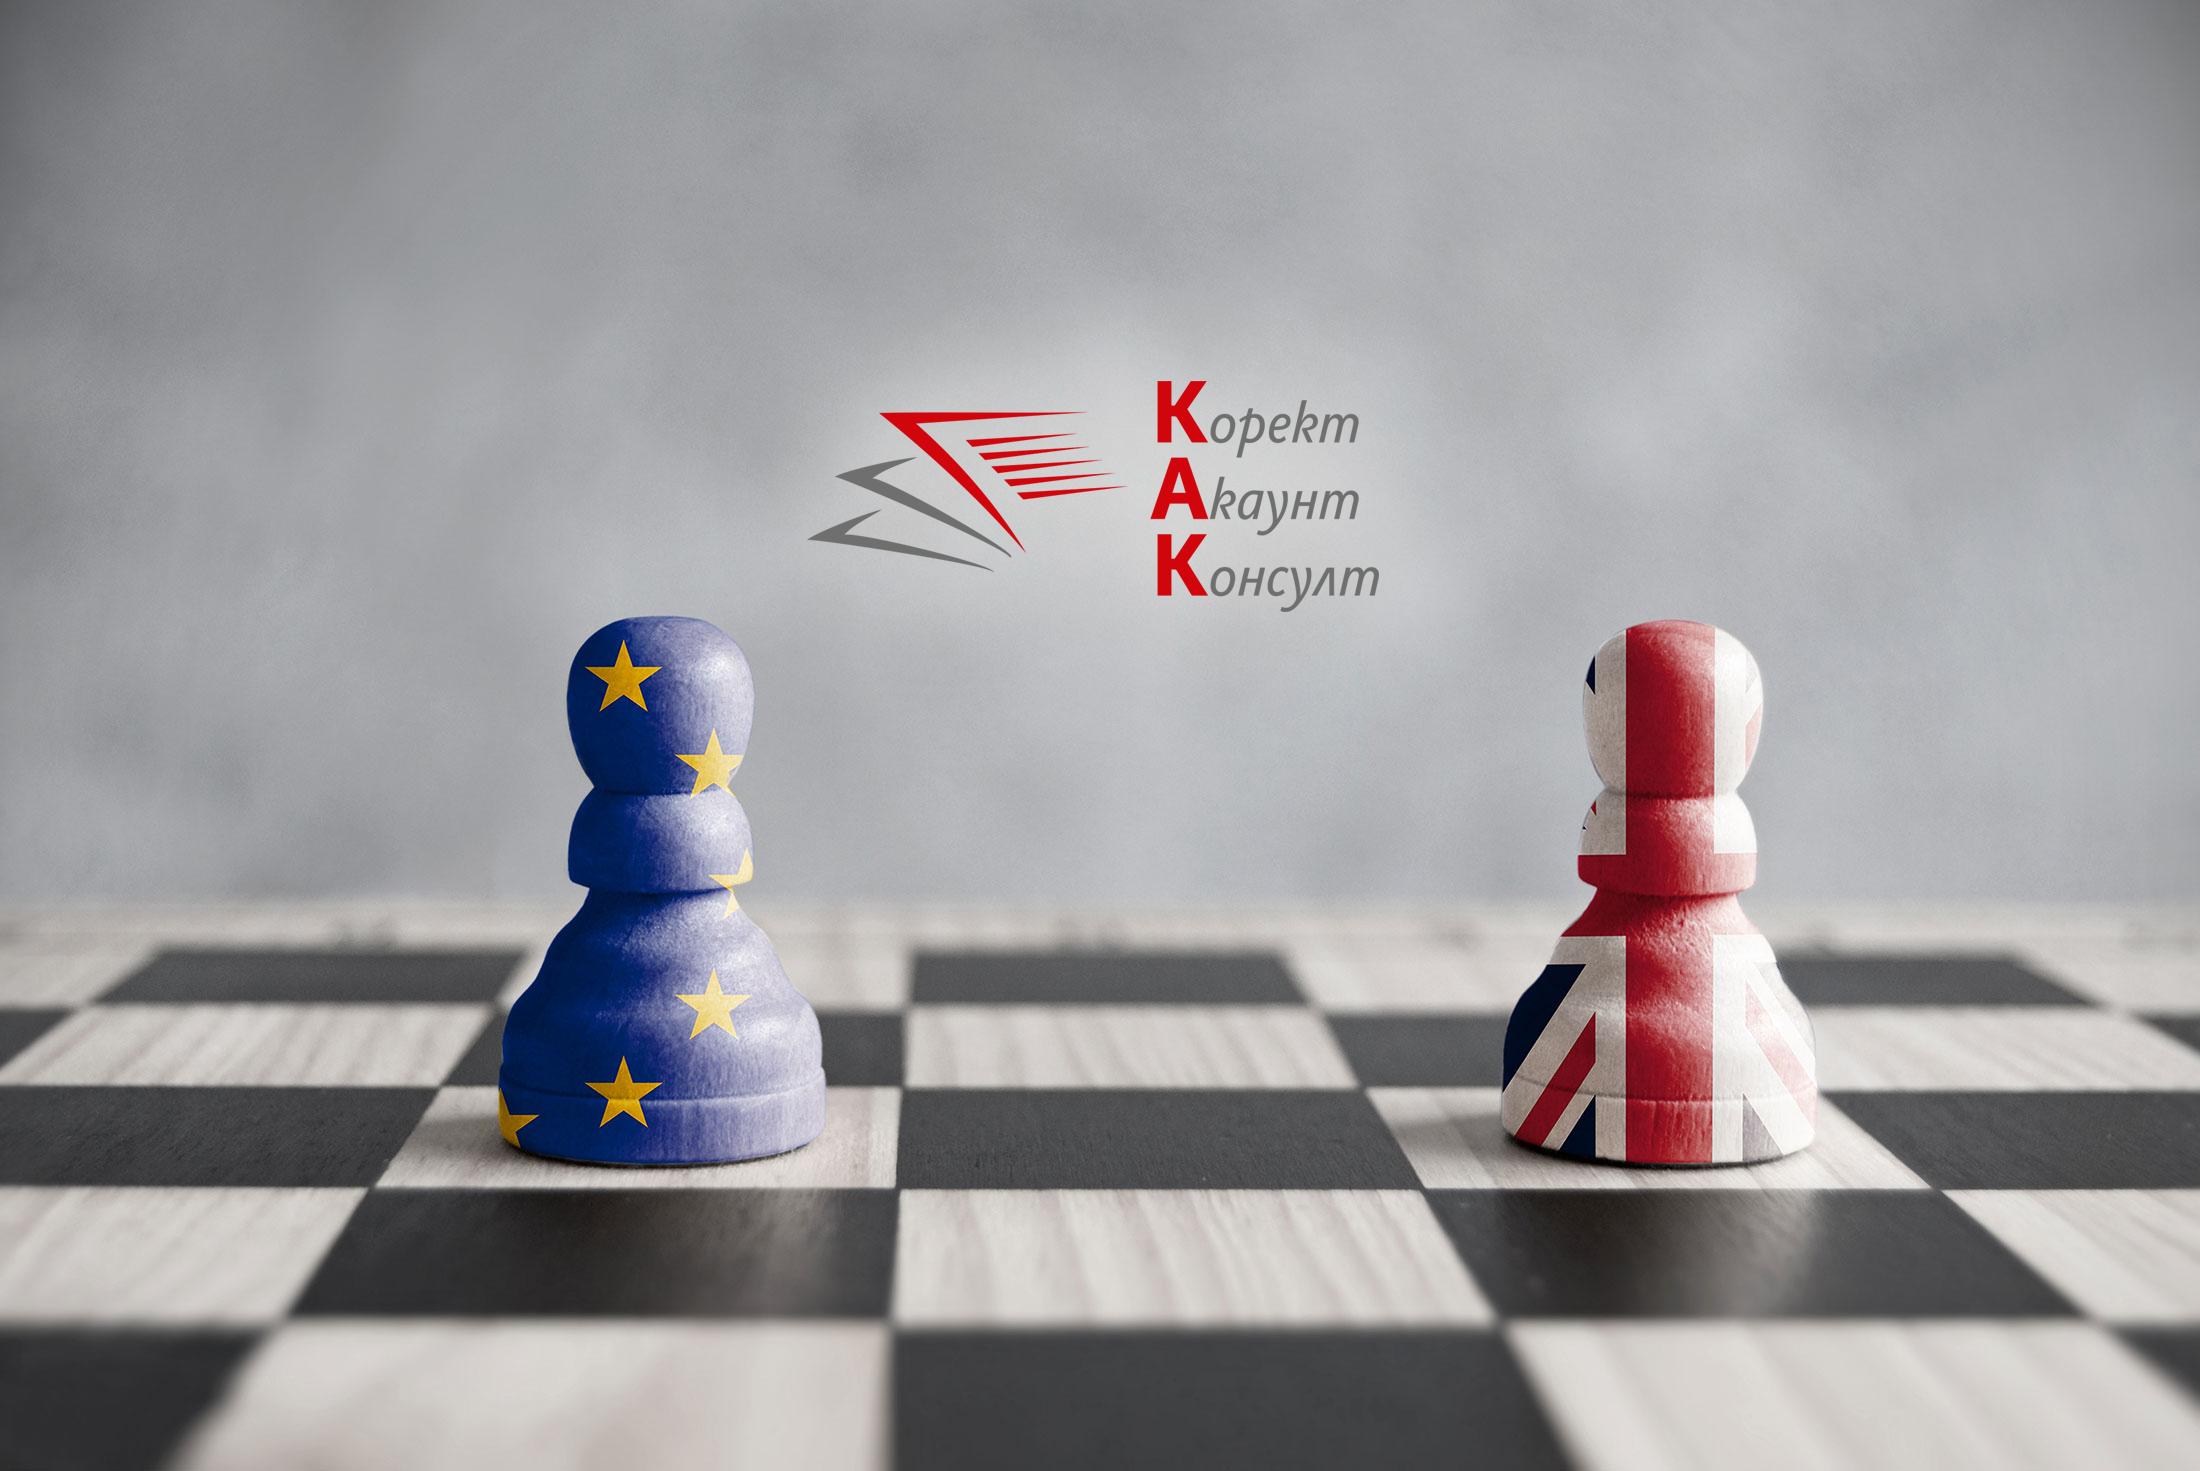 Оттегляне на Обединеното кралство от ЕС